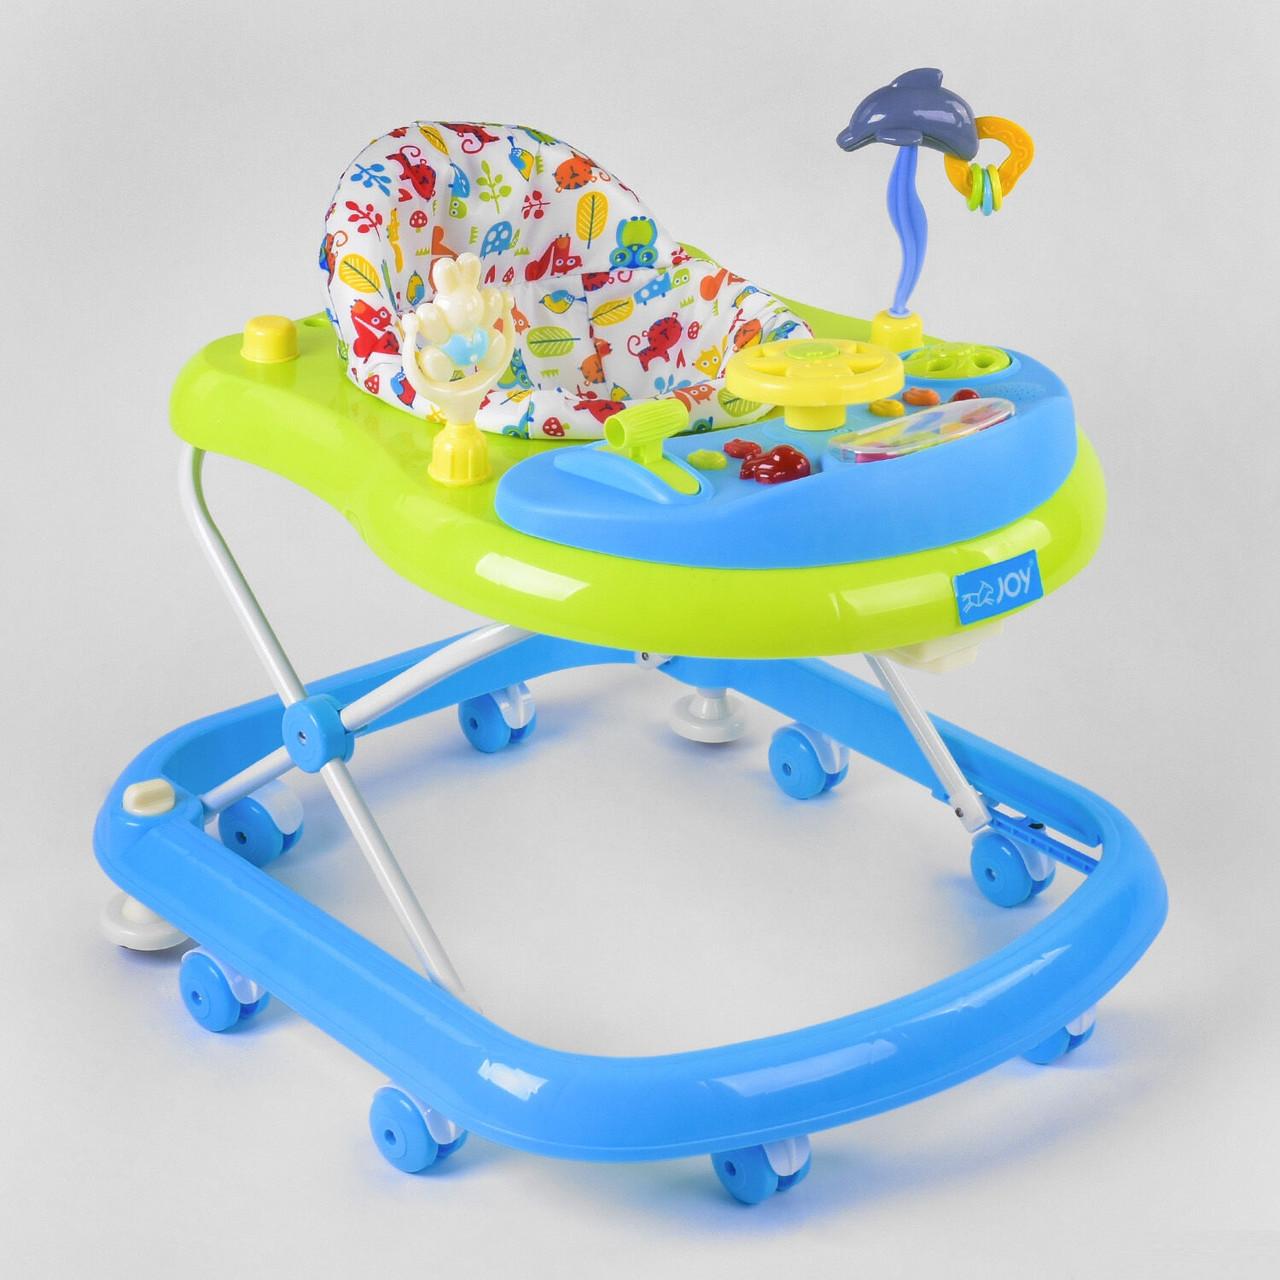 """Детская каталка-ходунки игровой центр для ребенка TS-06122 """"JOY"""""""